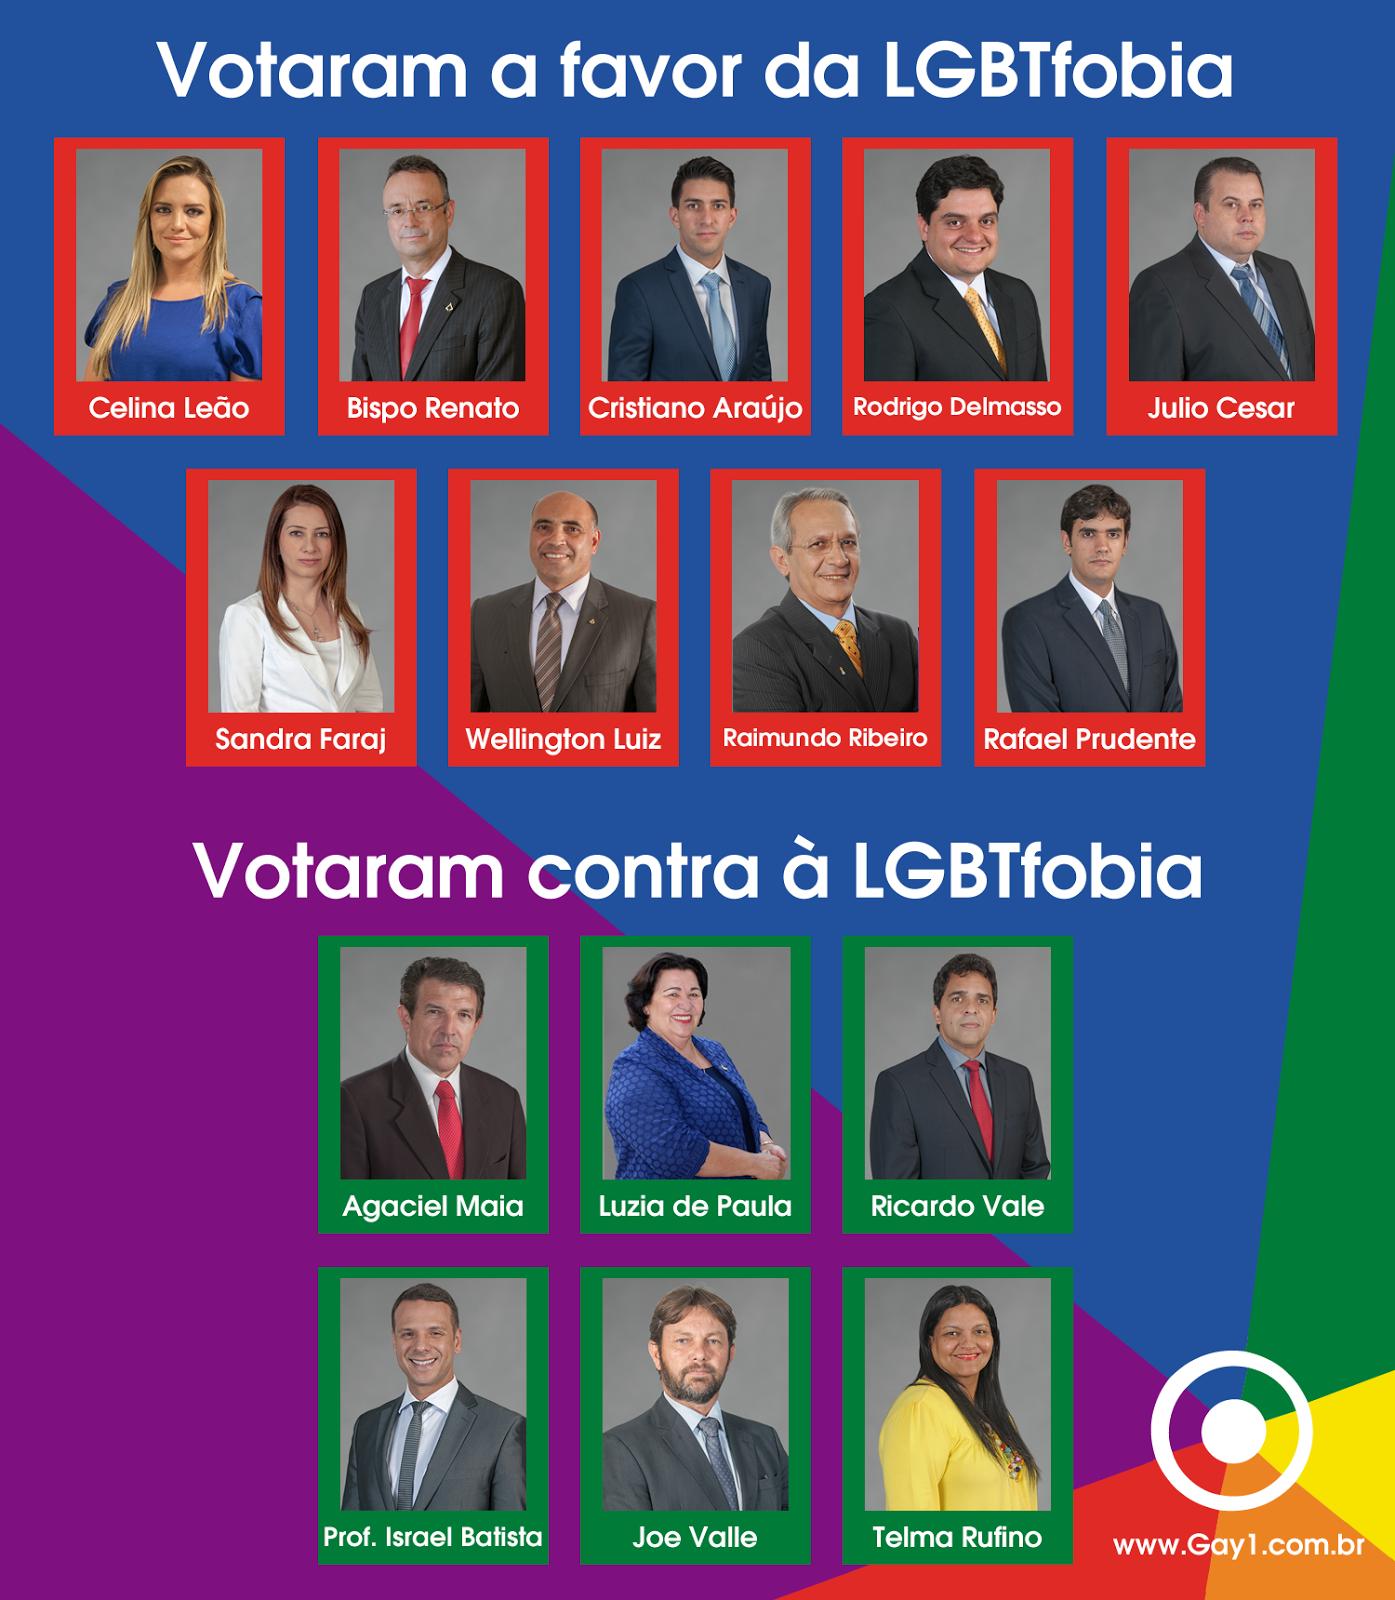 Vídeo: Movimento LGBT ocupa Câmara Legislativa contra decreto que derruba lei